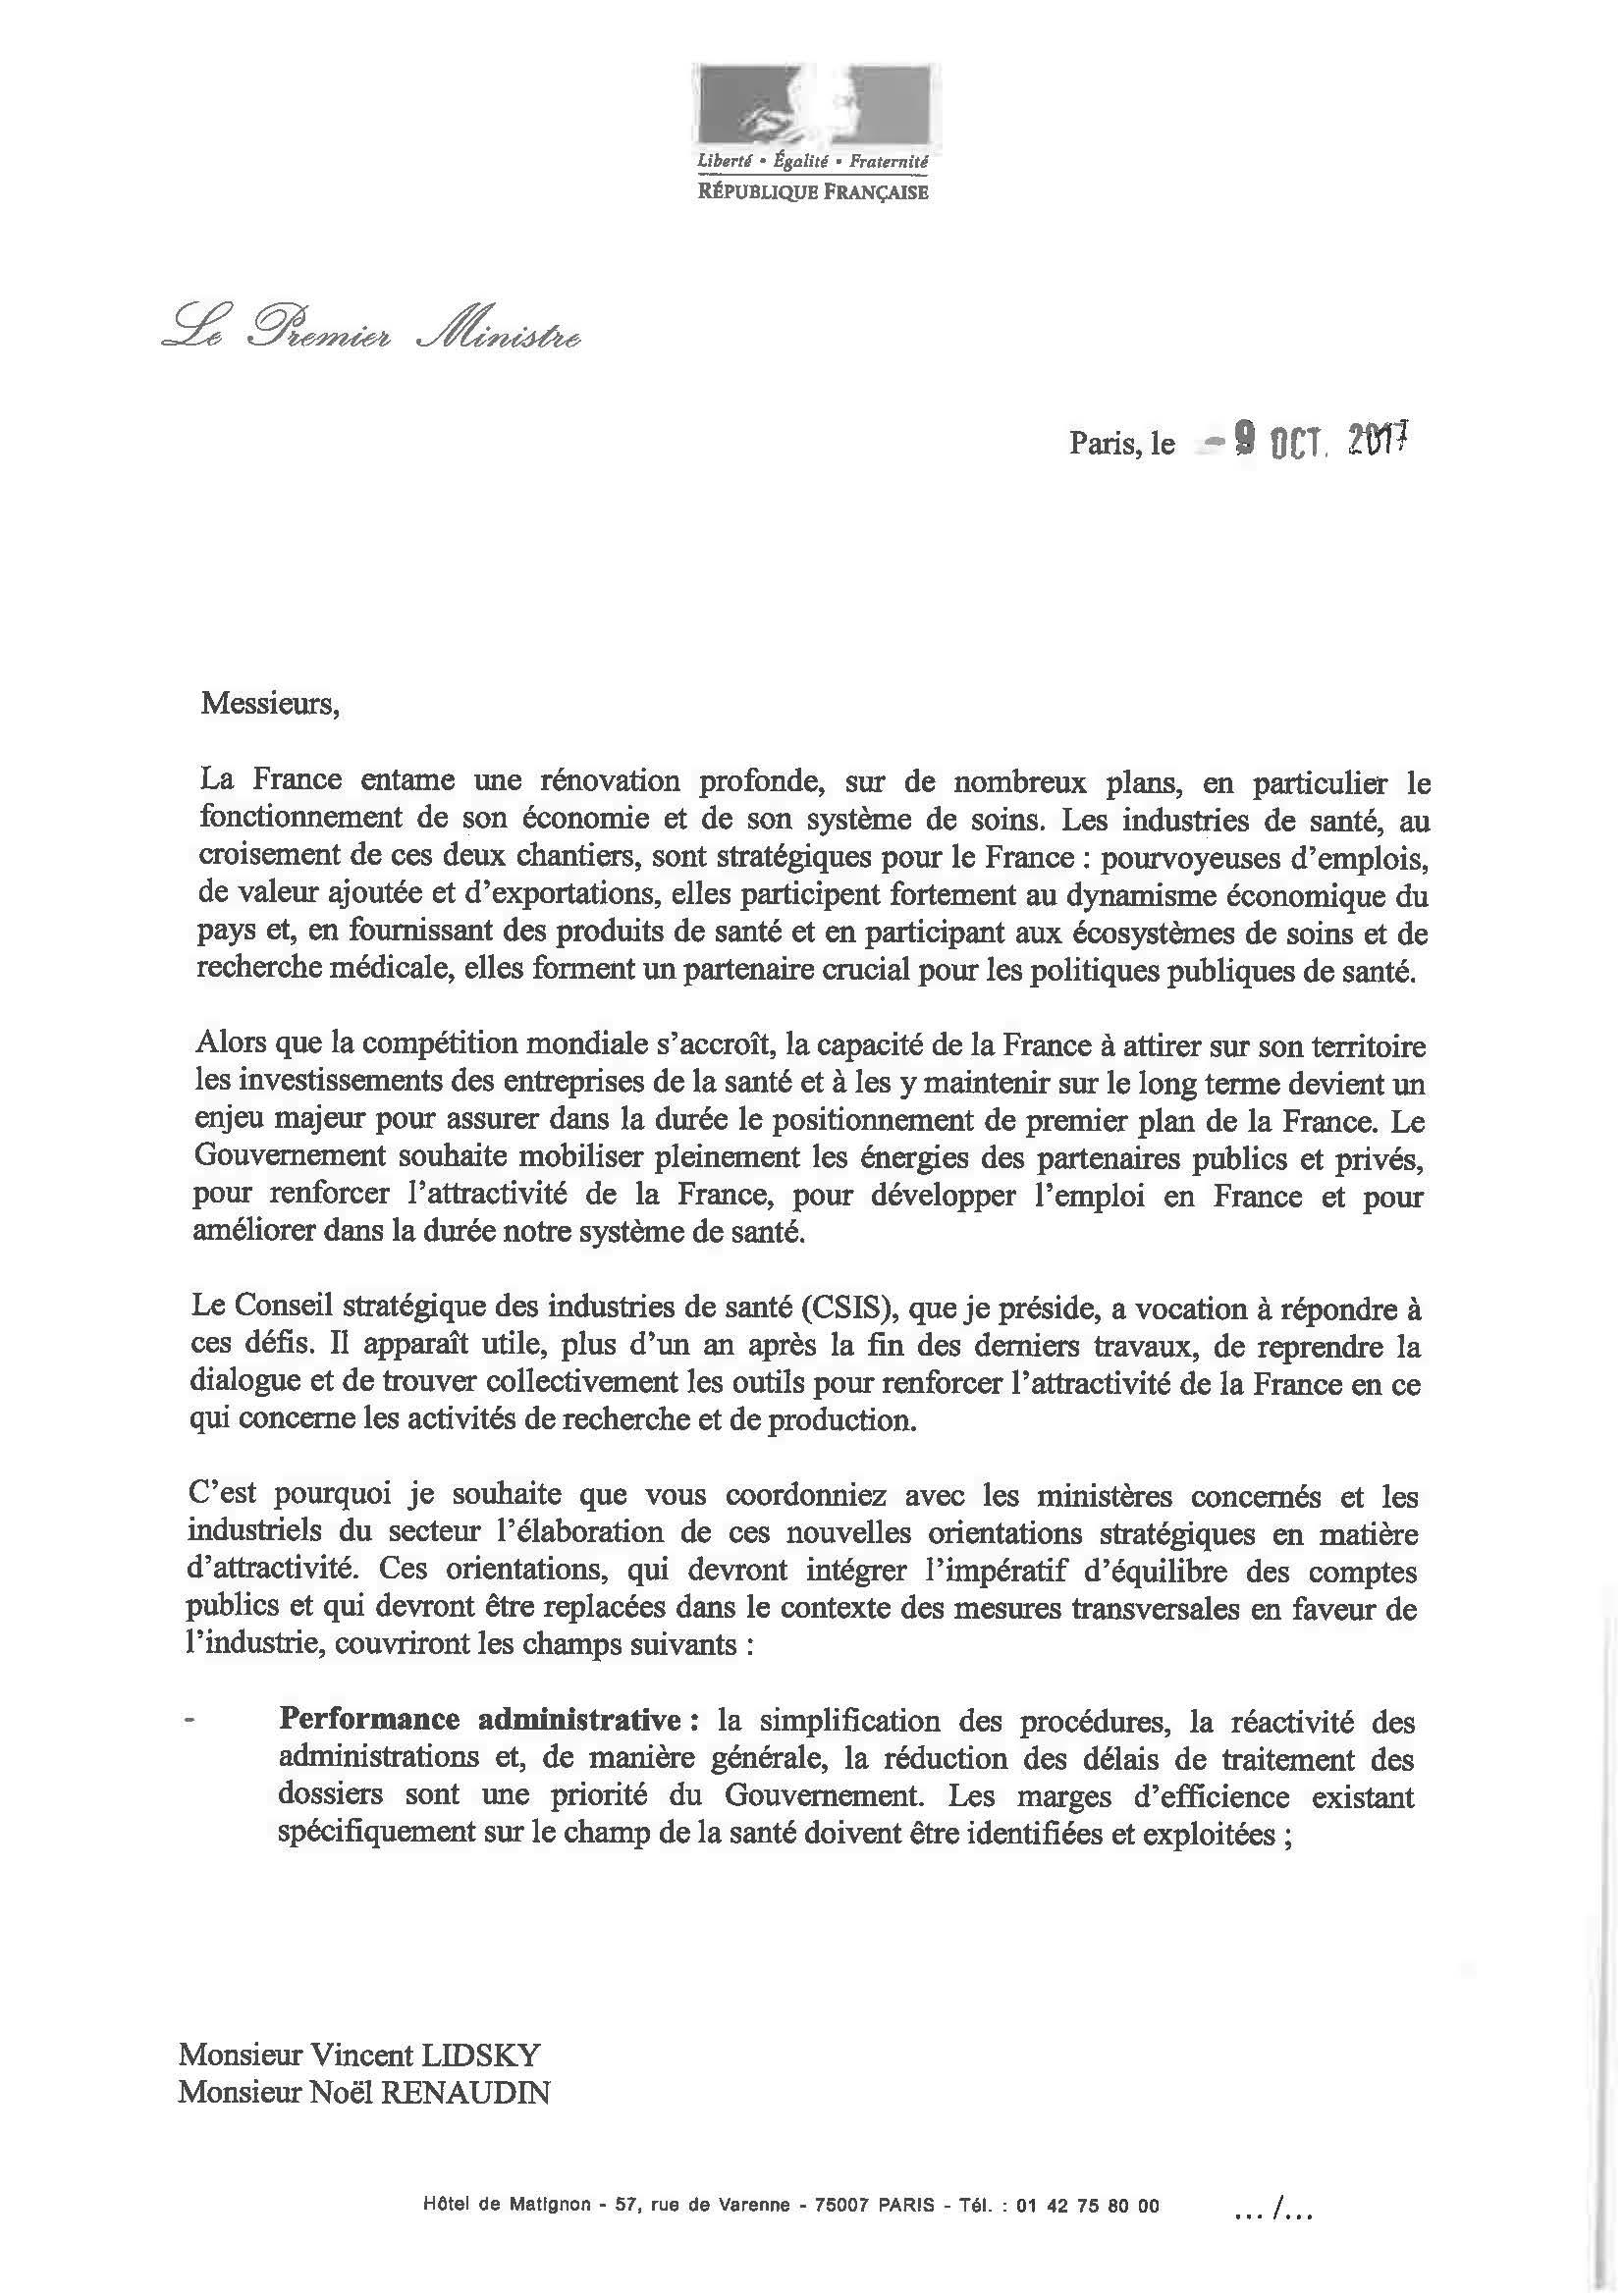 Lettre de mission de MM. RENAUDIN et LIDSKY